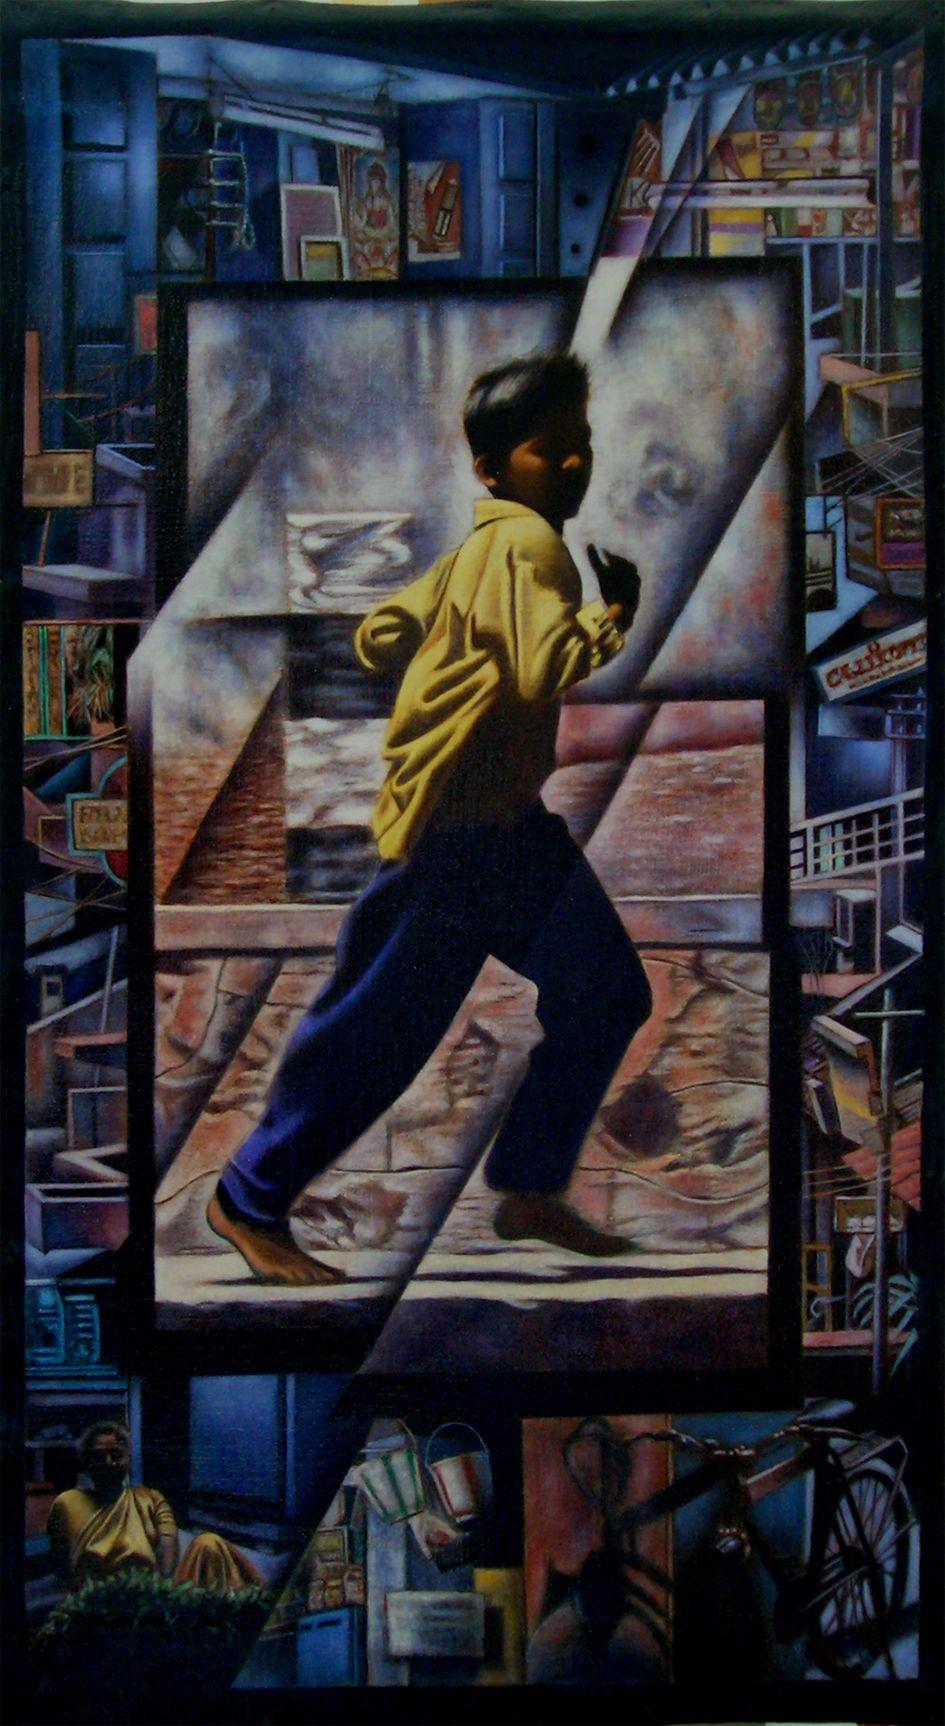 TWILIGHT IN KERALA / Dimensions : 47 cm x 83 cm / Techniques de réalisation : Huile / Date de création : 1999 / Support : Toile / Tarif : http://www.art-acquisition.com/fr/content/twilight-kerala